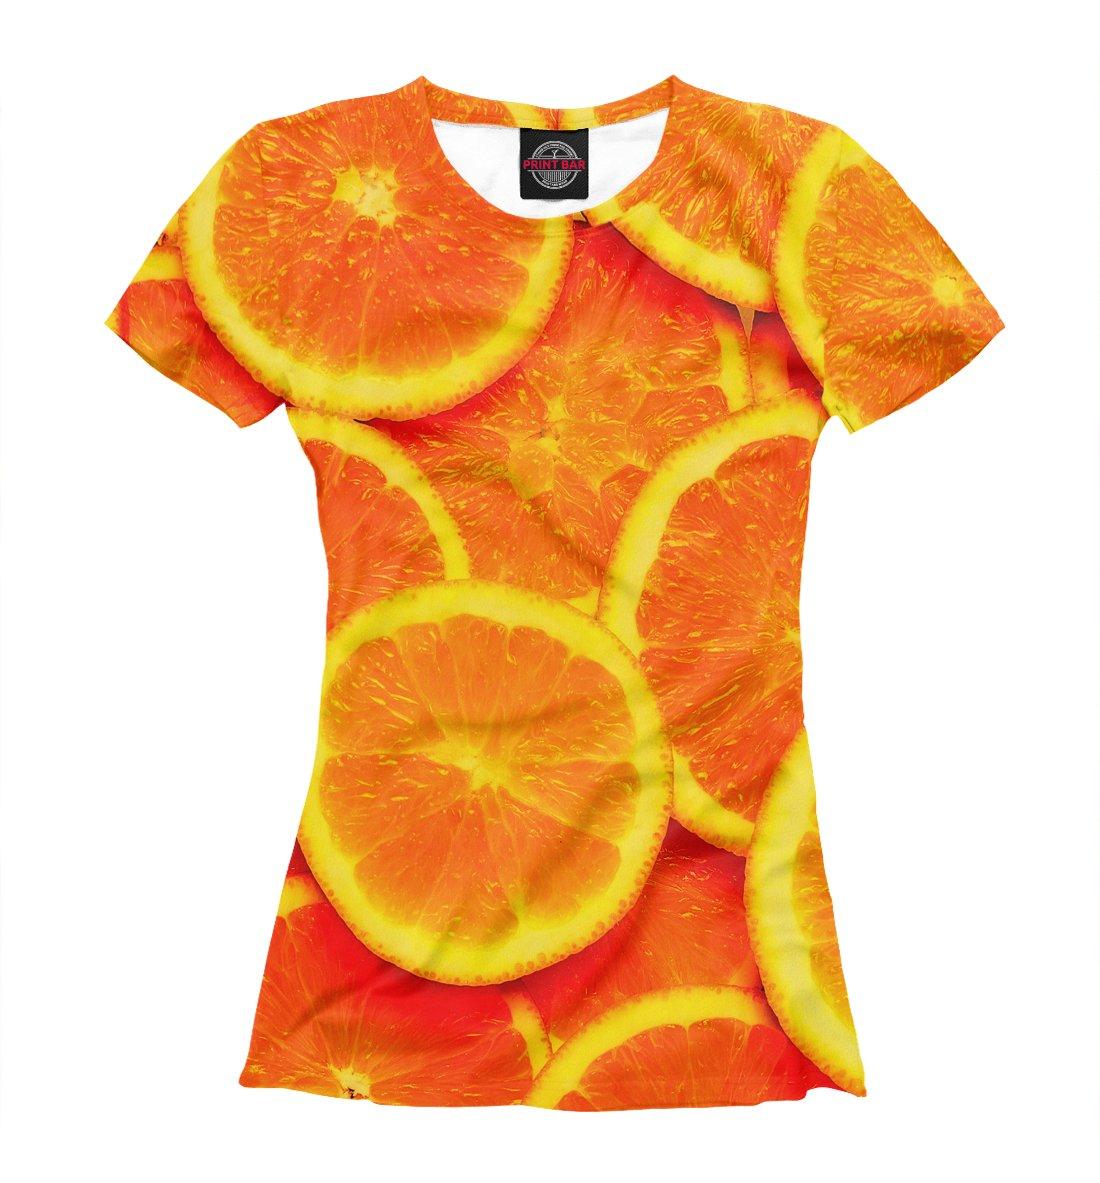 футболка оранжевая с картинками употребляют